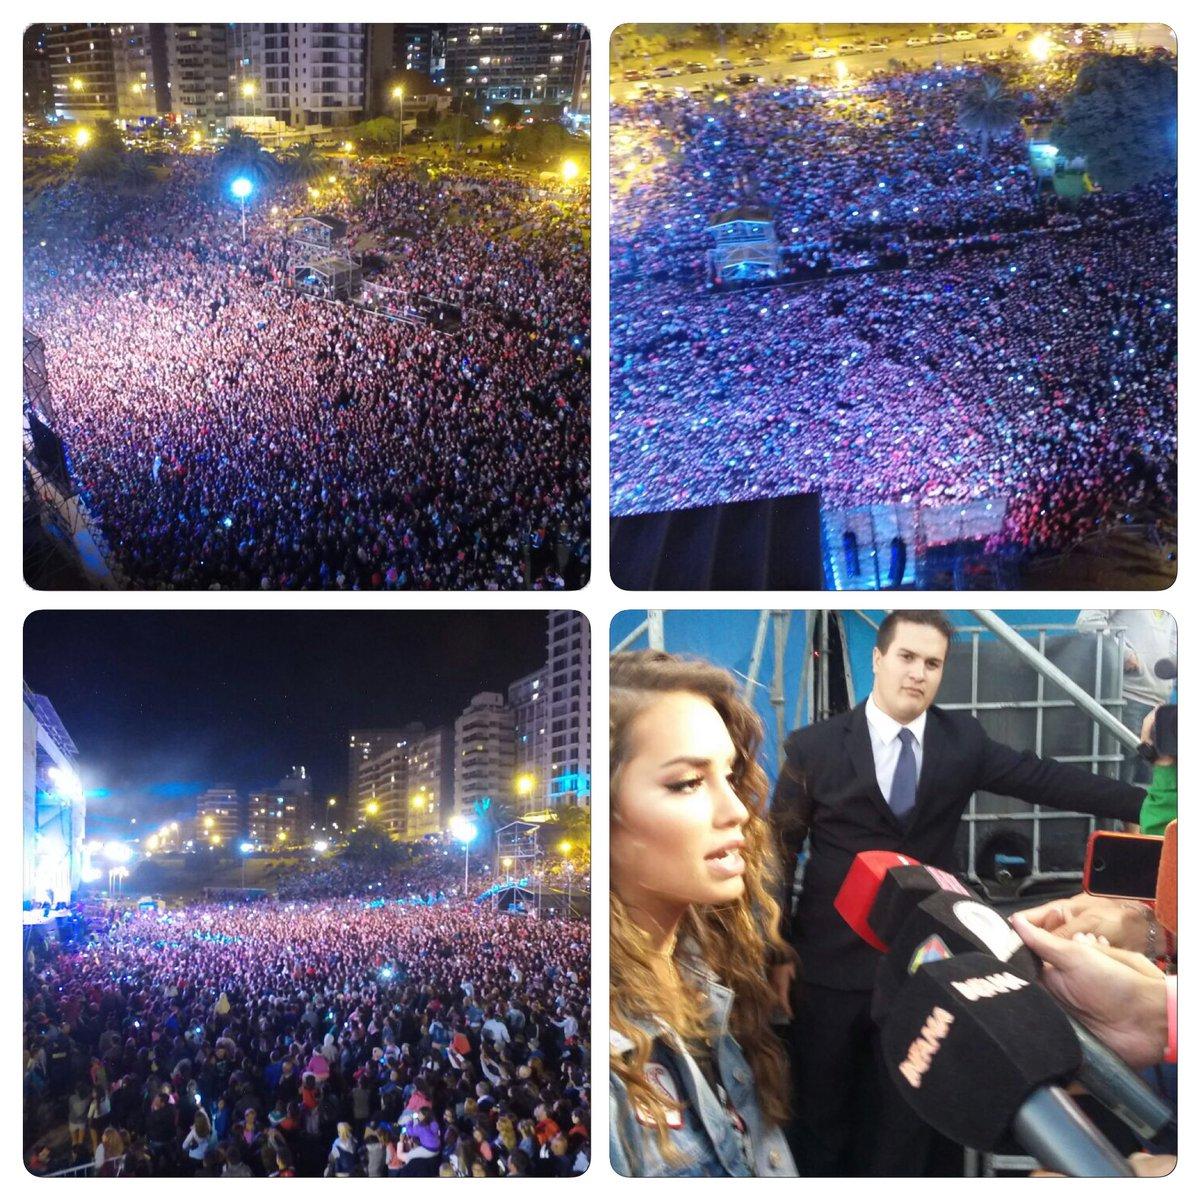 Increíble la cantidad de gente que participó del recital de @laliespos en Mar del Plata https://t.co/dIpZvvVFoD